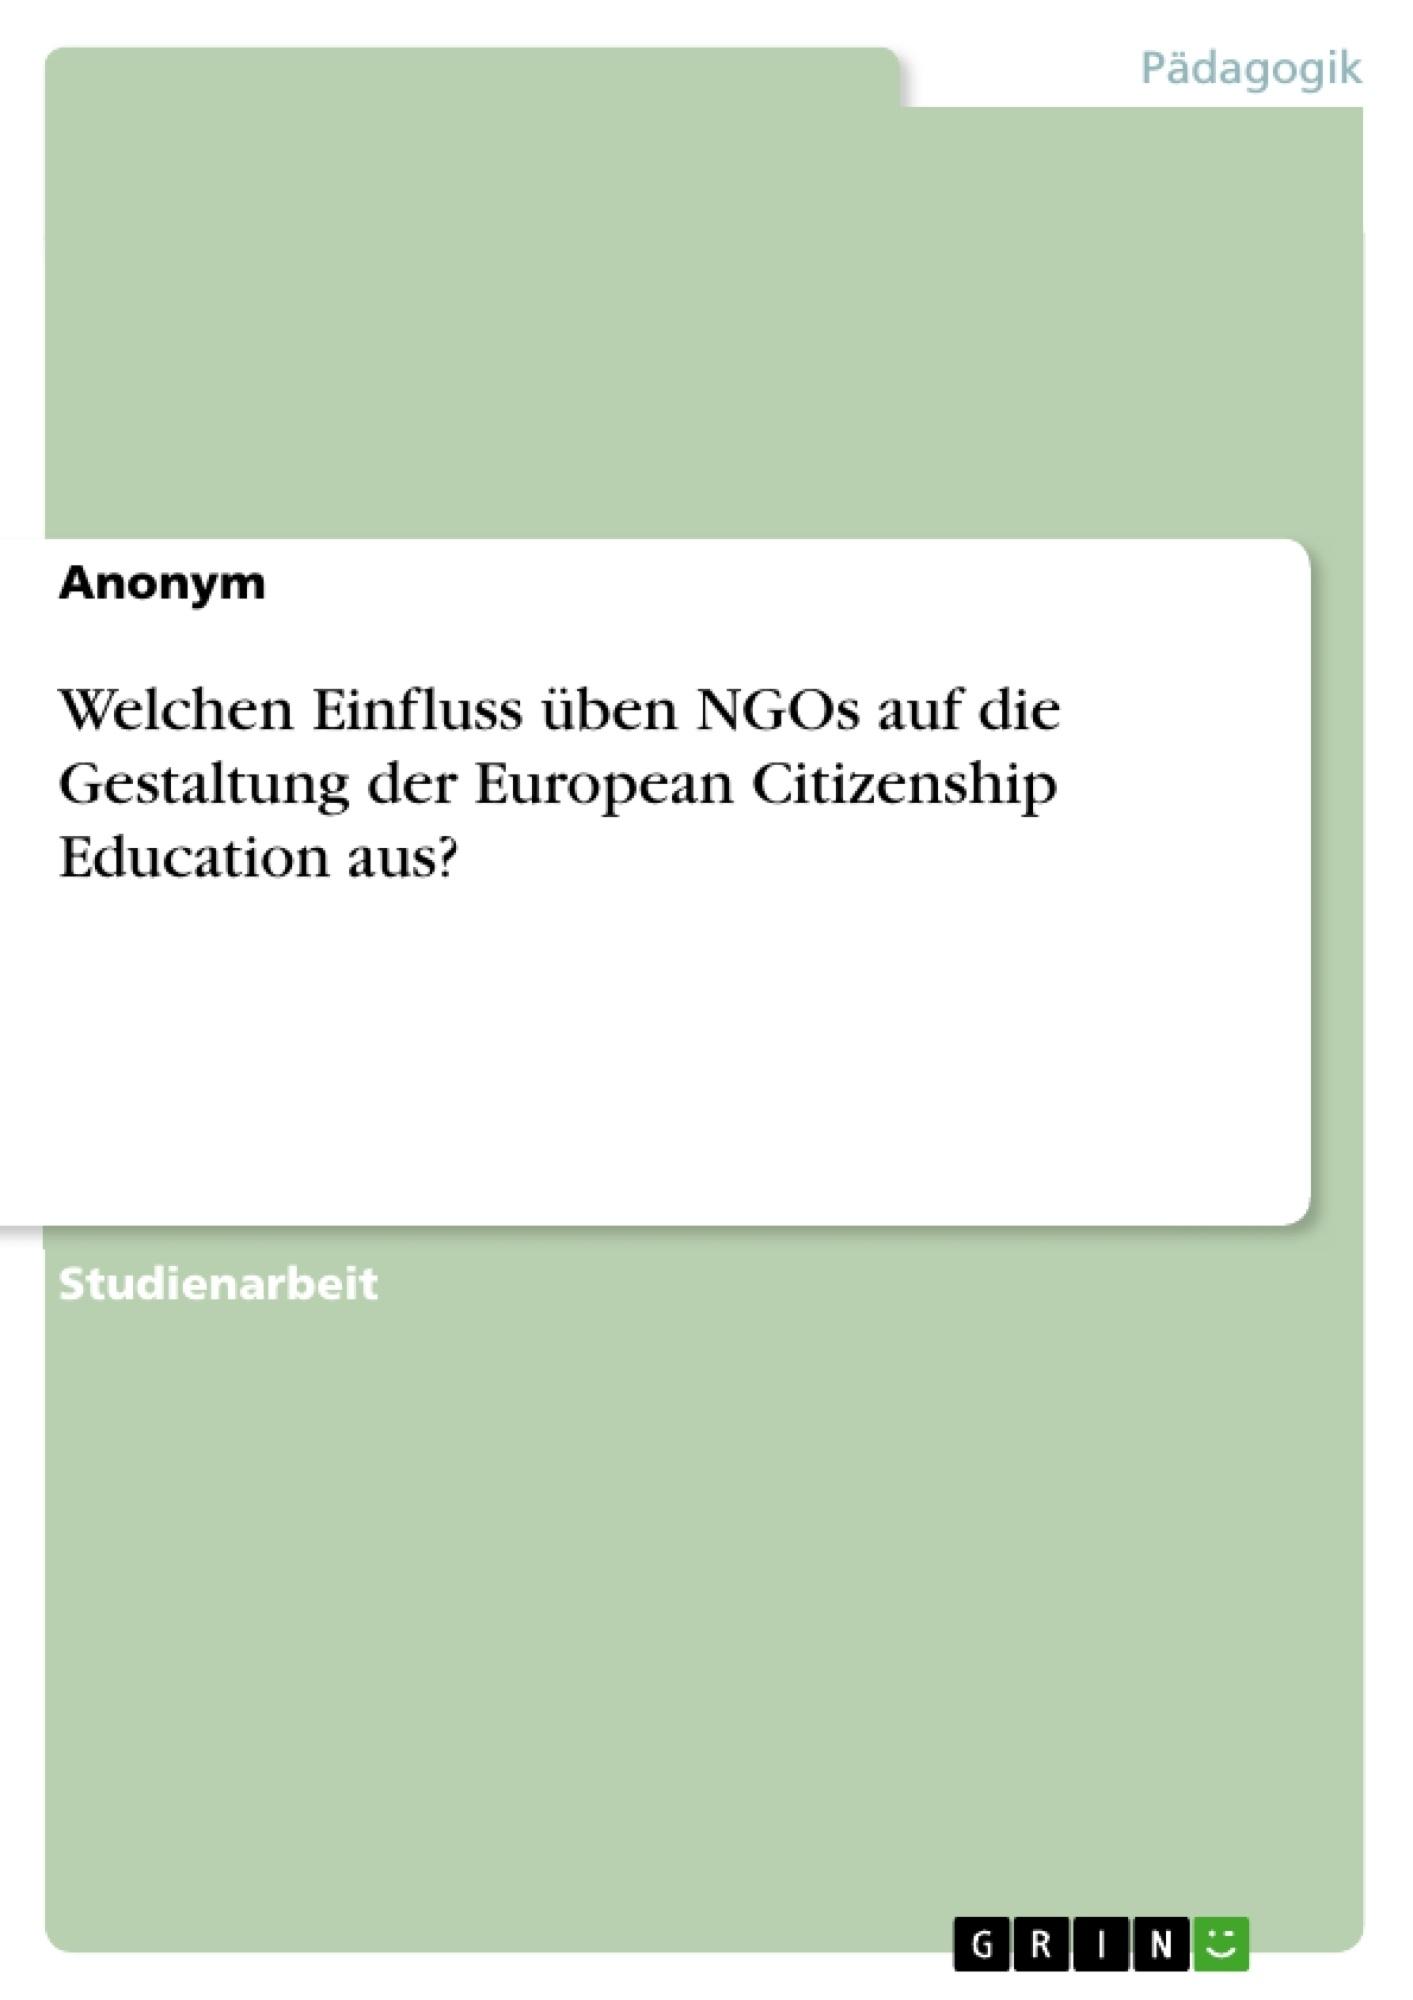 Titel: Welchen Einfluss üben NGOs auf die Gestaltung der European Citizenship Education aus?